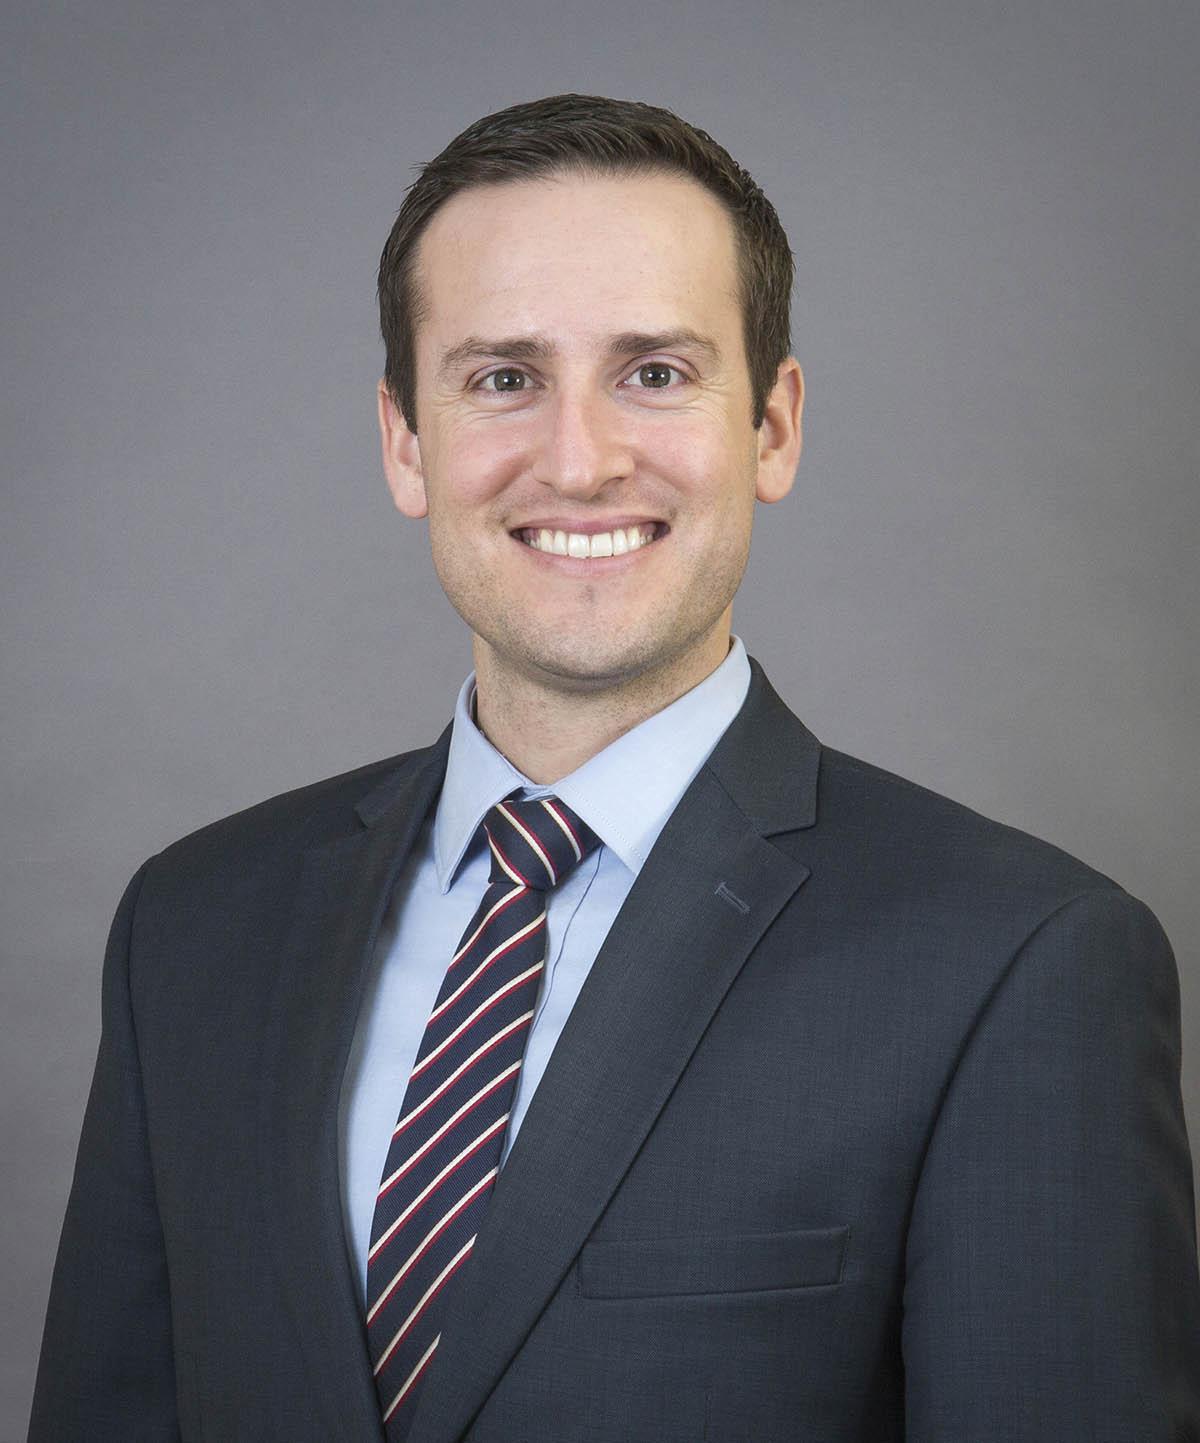 Monona Bank Business Banker Brett Roth